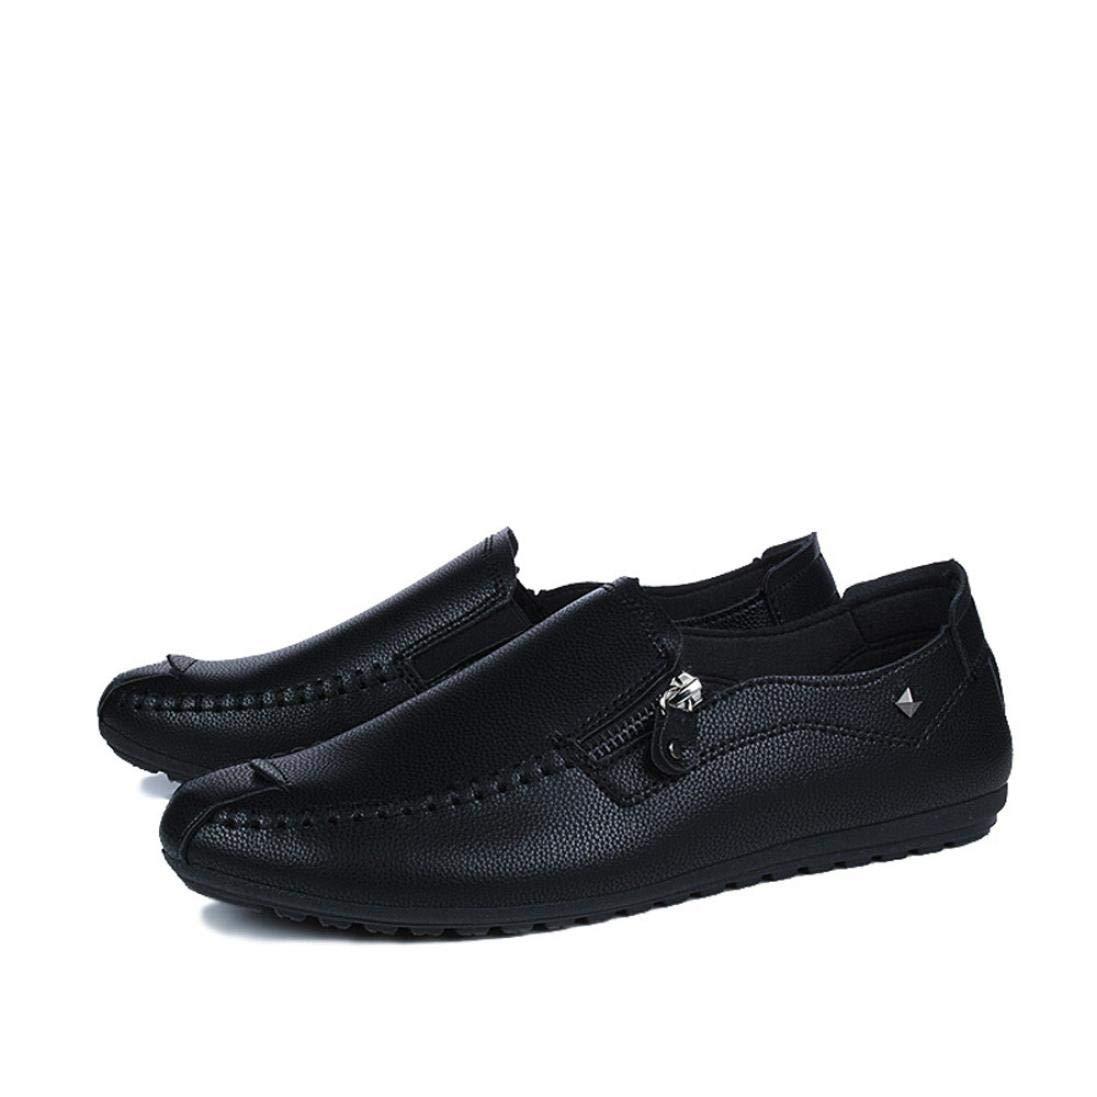 WWricotta LuckyGirls Hombre Zapatillas para Andar Casual Calzado de Planos Transpirables Zapatos Informales Bambas Zapatos de Cuero para Perezoso N/áuticos Mocasines